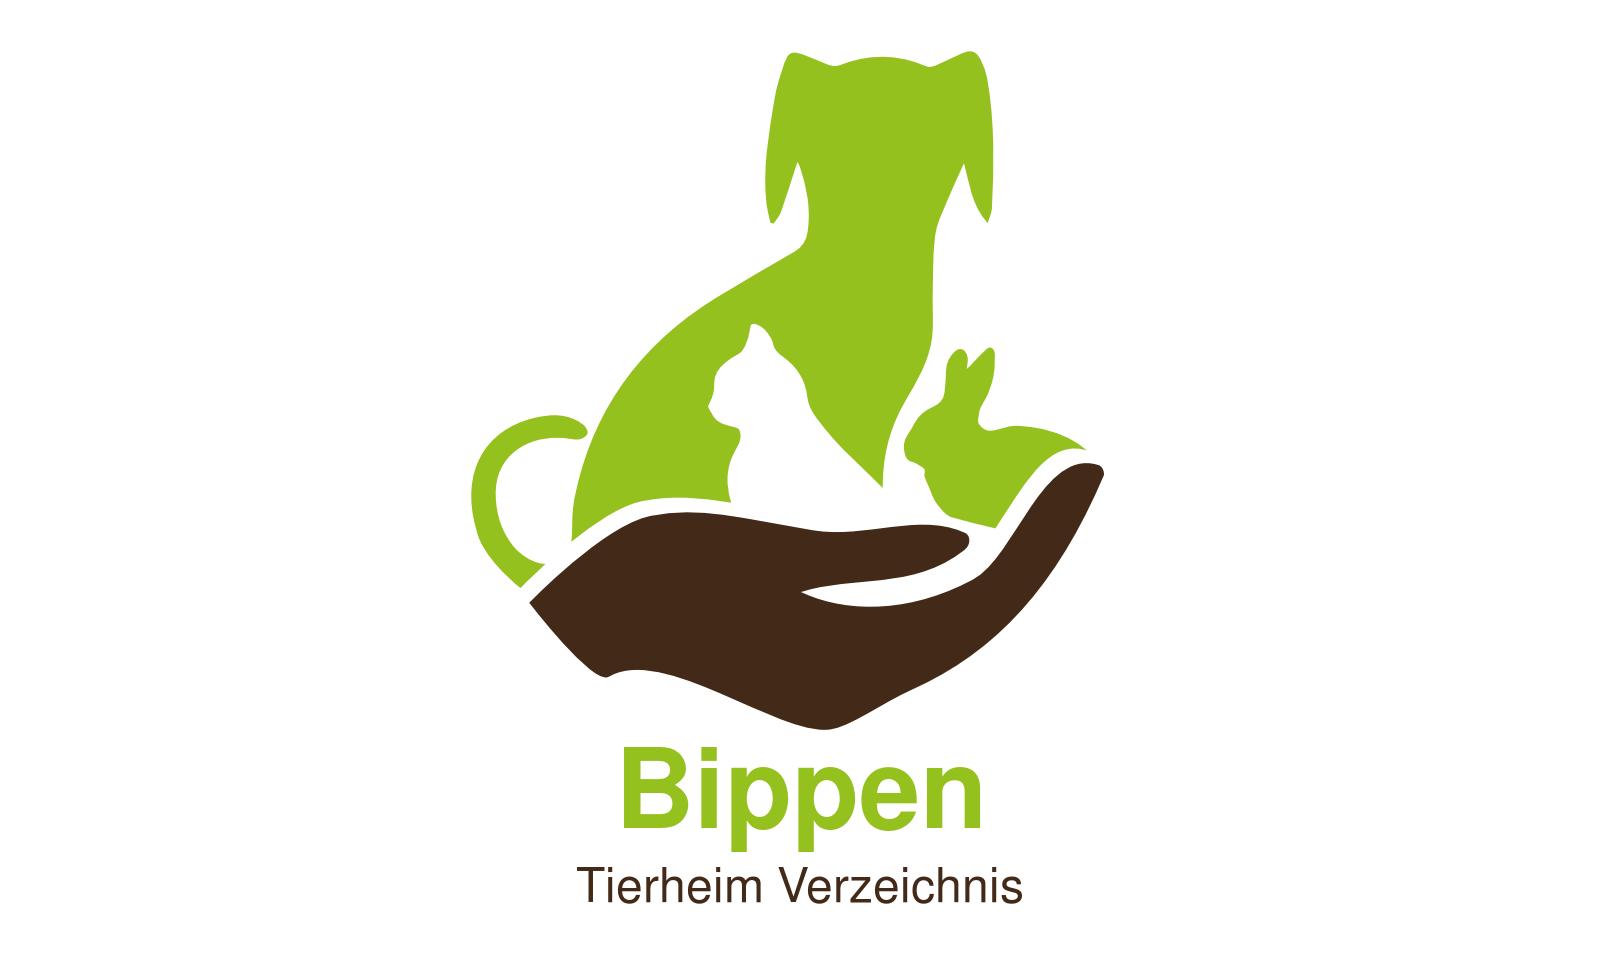 Tierheim Bippen